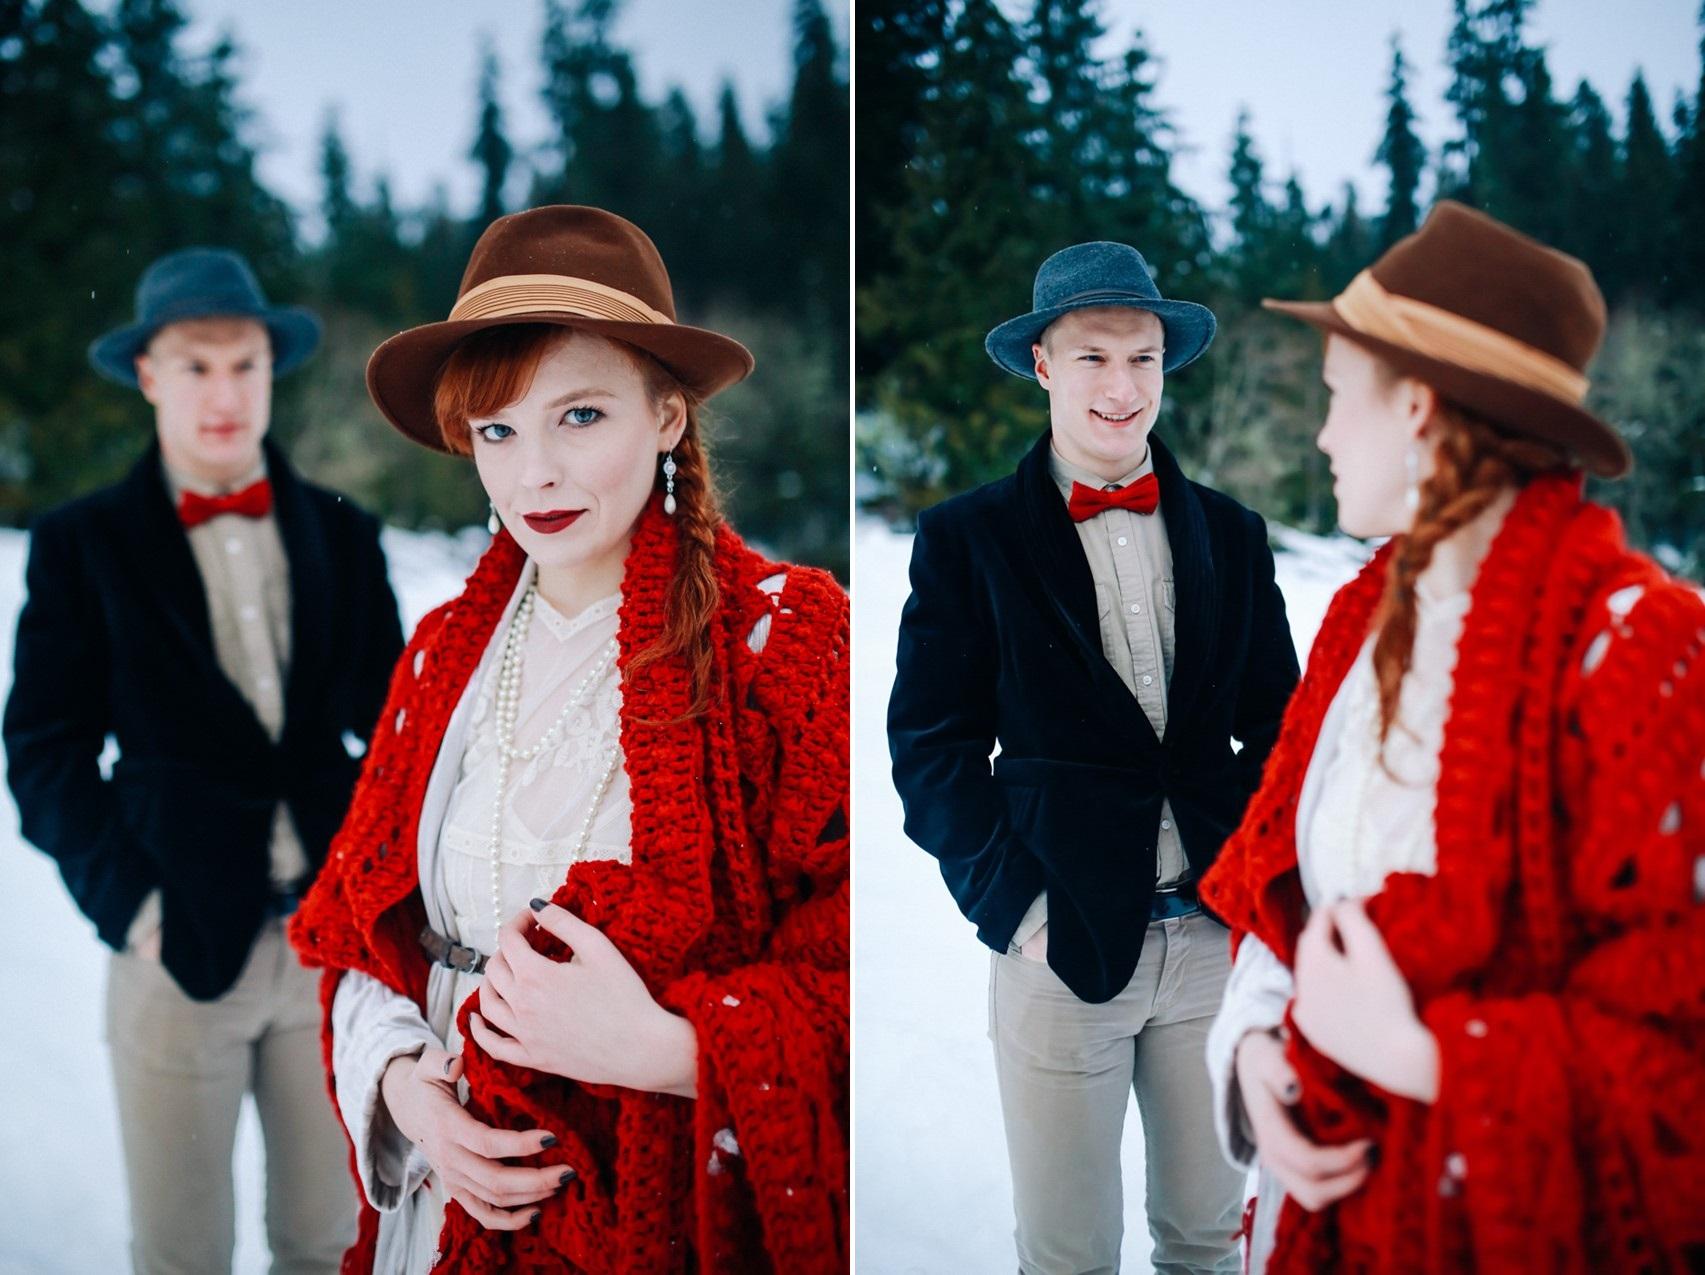 Rustic Vintage Bride & Groom